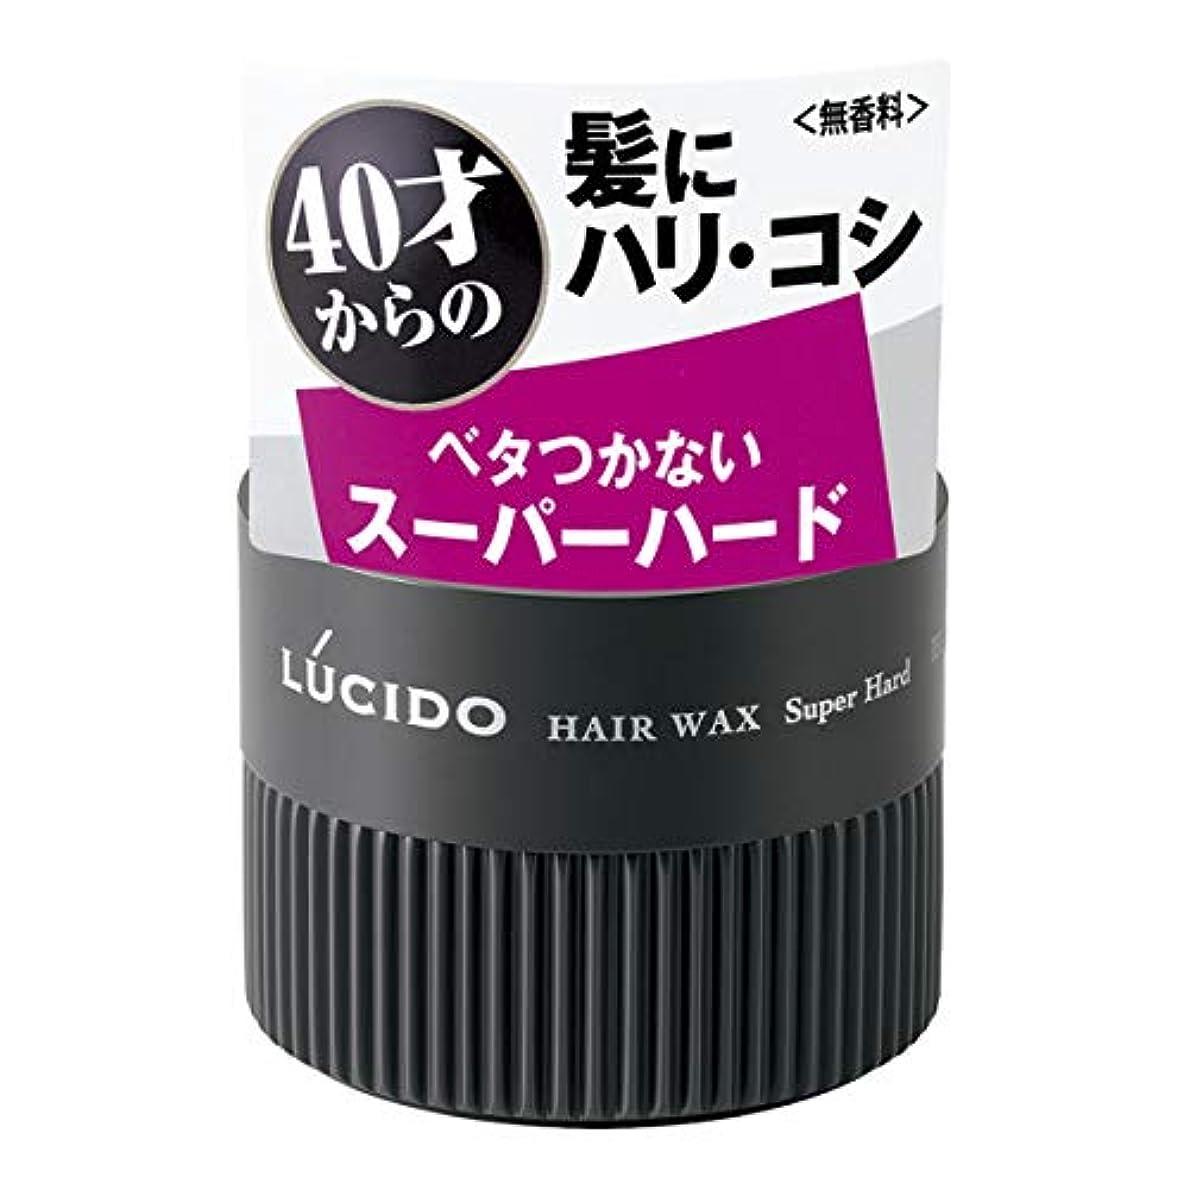 新年コショウ援助LUCIDO(ルシード) ヘアワックス スーパーハード 80g